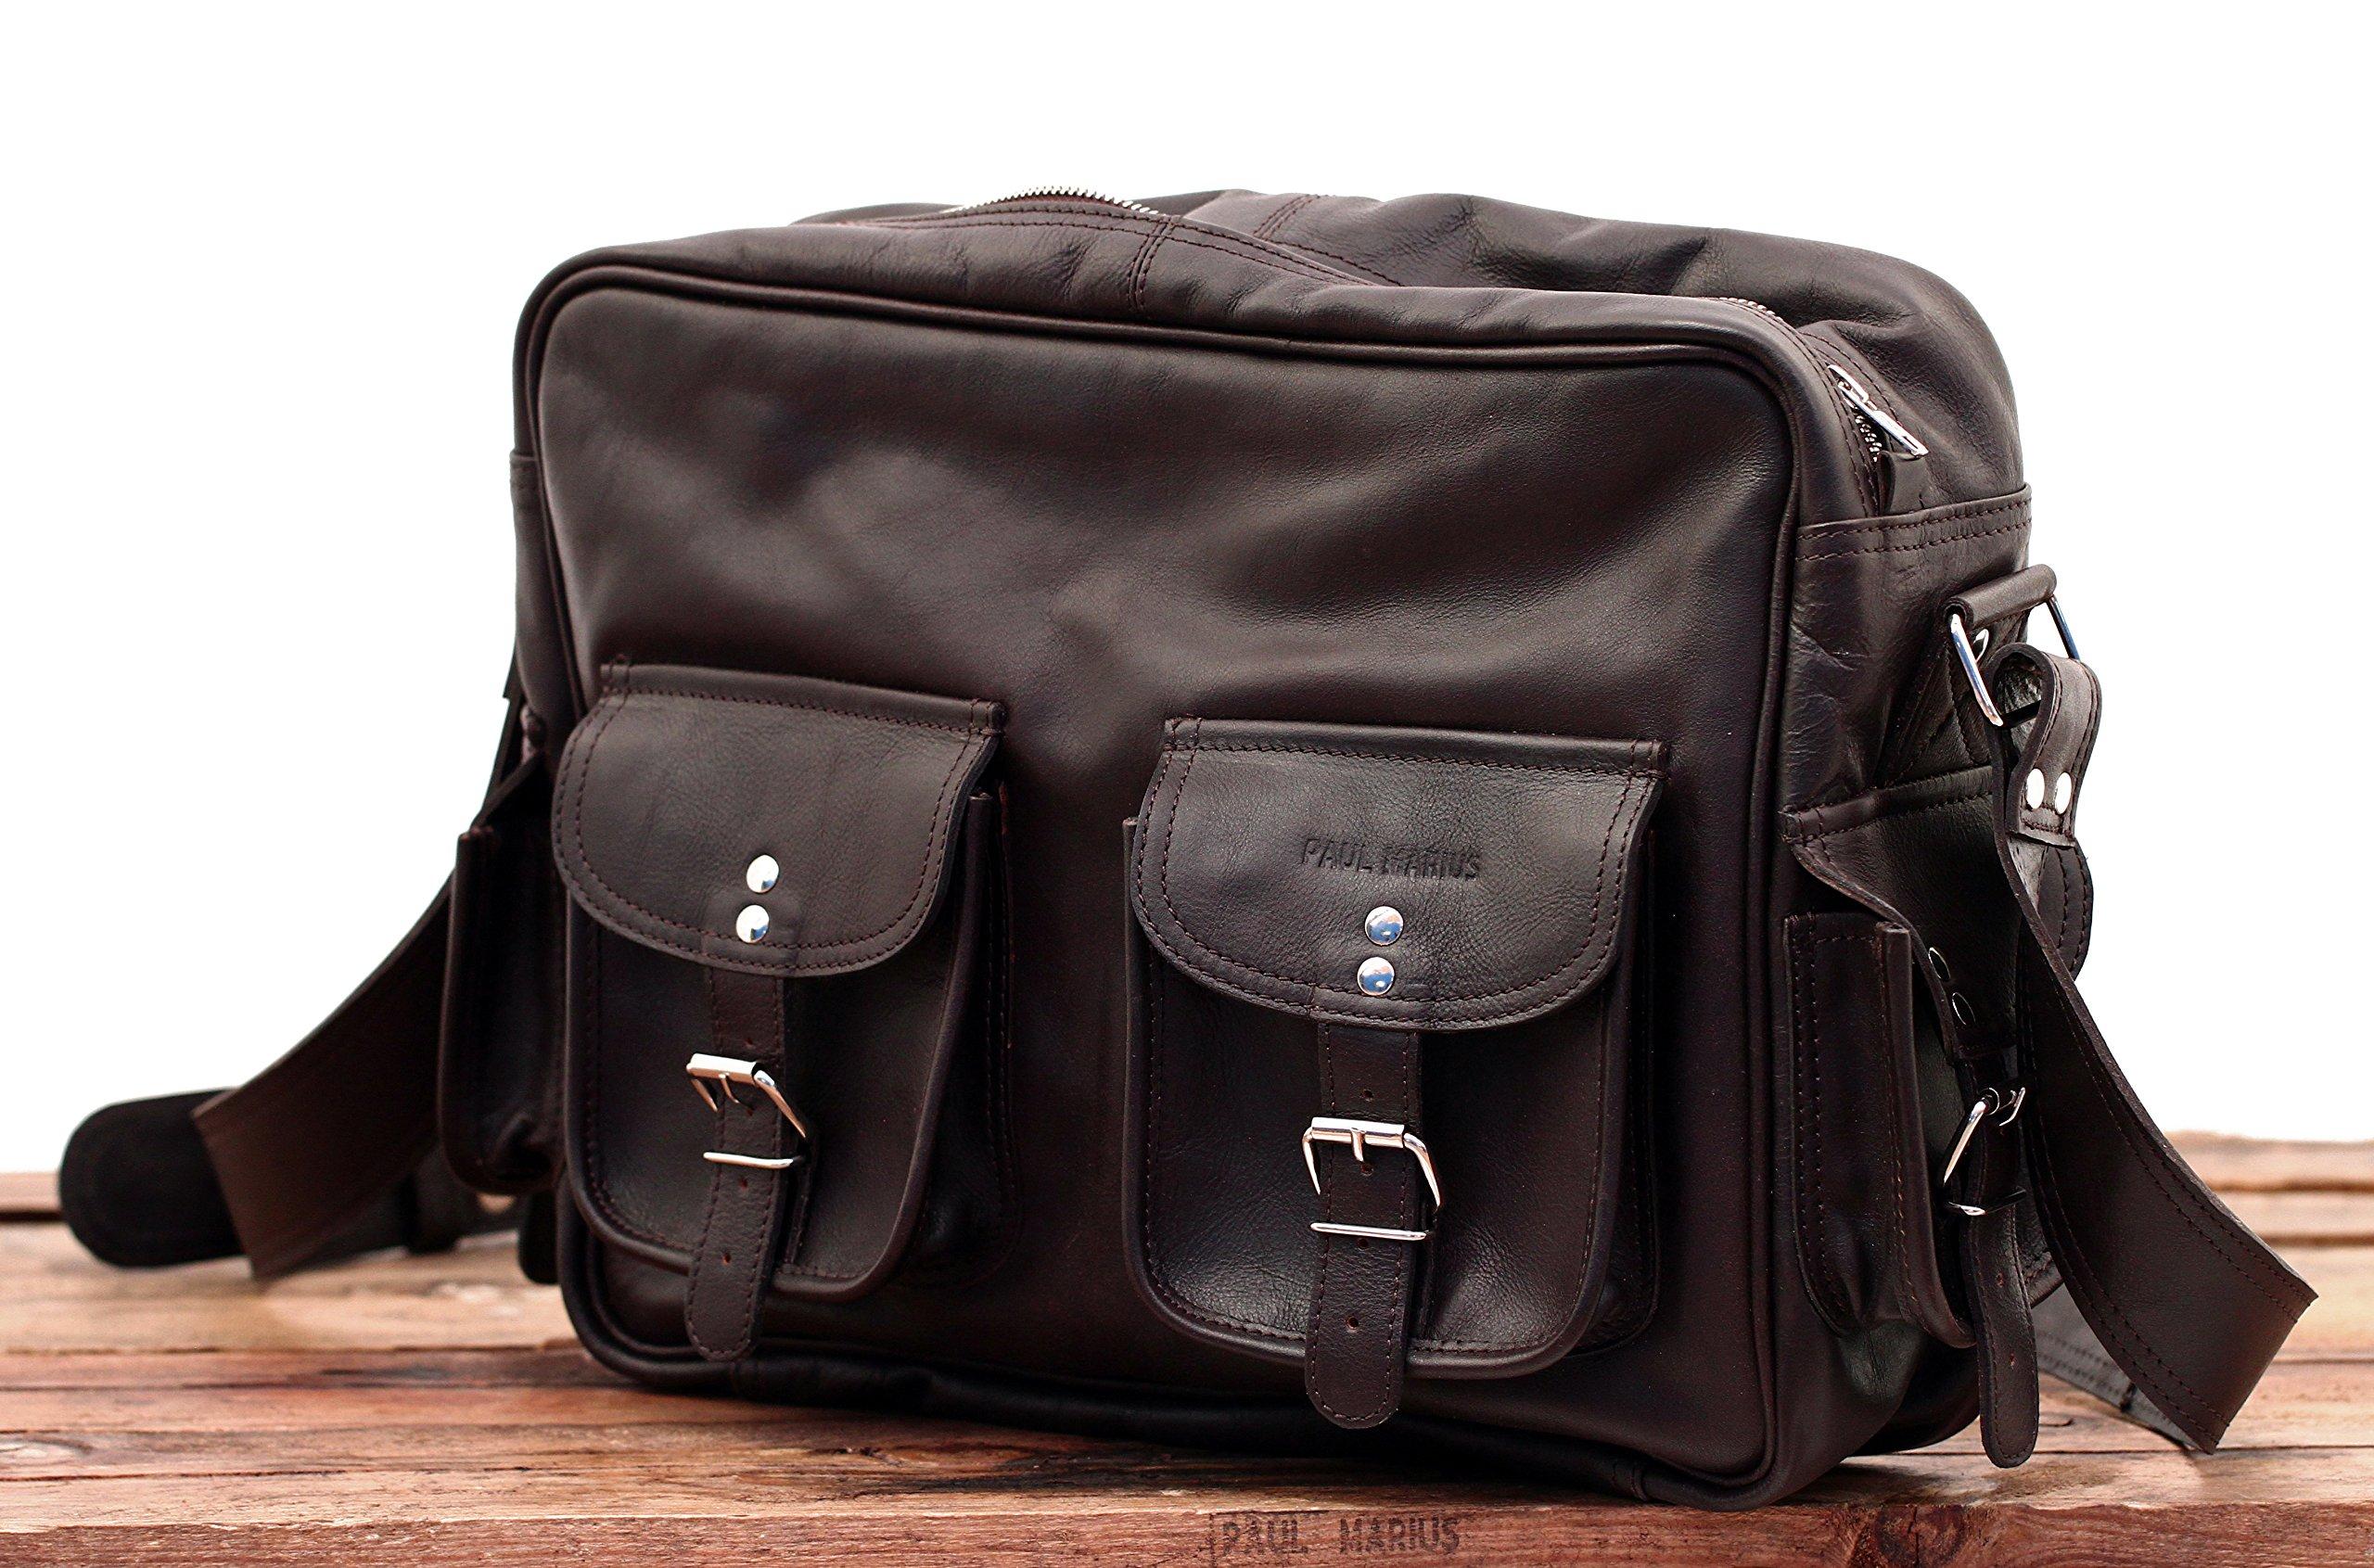 91ZzX1oNNEL - PAUL MARIUS LE MULTIPOCHES INDUS, Bolso bandolera de cuero, estilo vintage, bandolera de cuero, bolso con bolsillos…